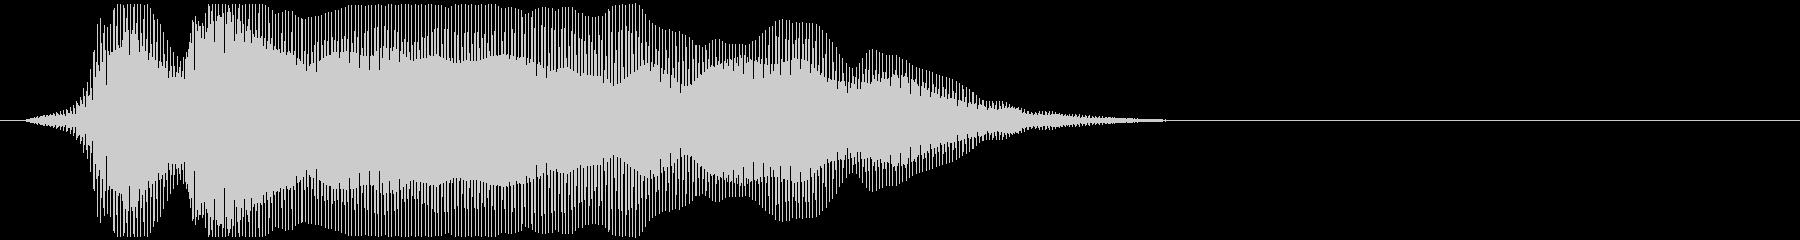 ぱわーんの未再生の波形